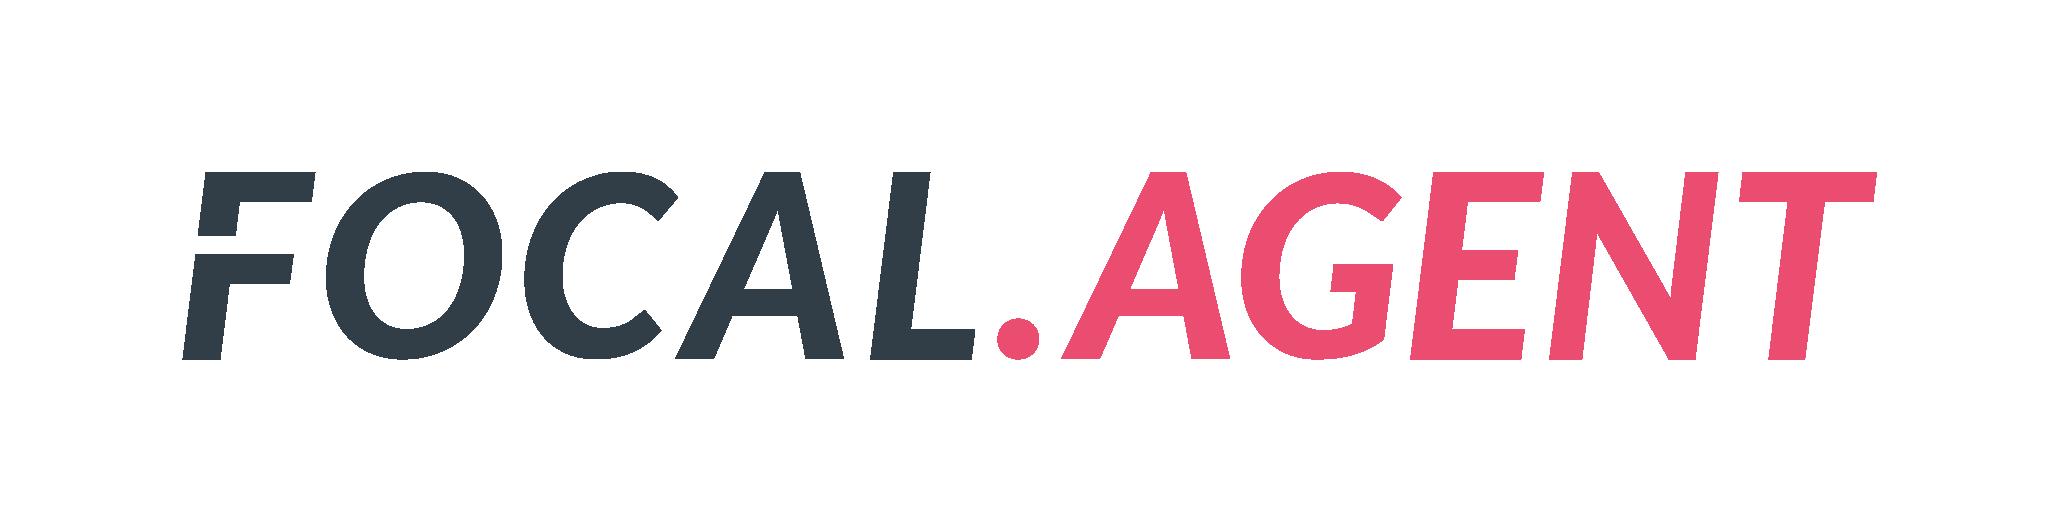 FocalAgent-1